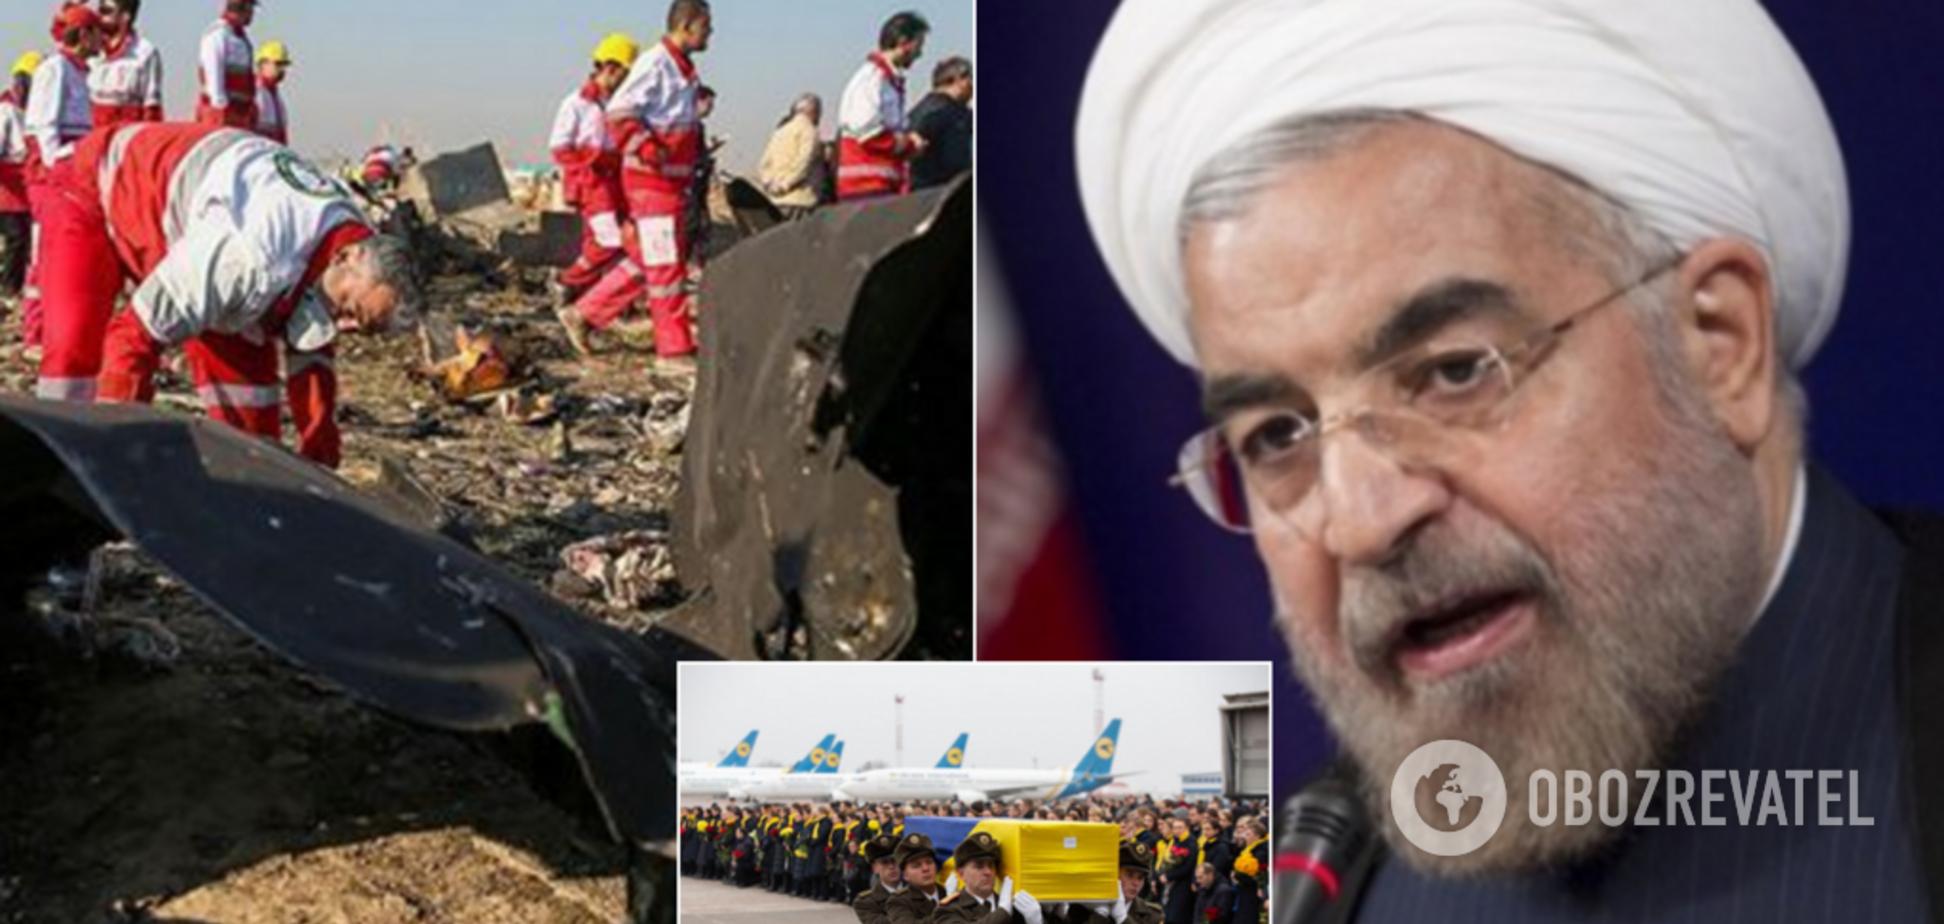 Сильный поступок президента: как Иран скрывал правду о сбитом украинском самолете